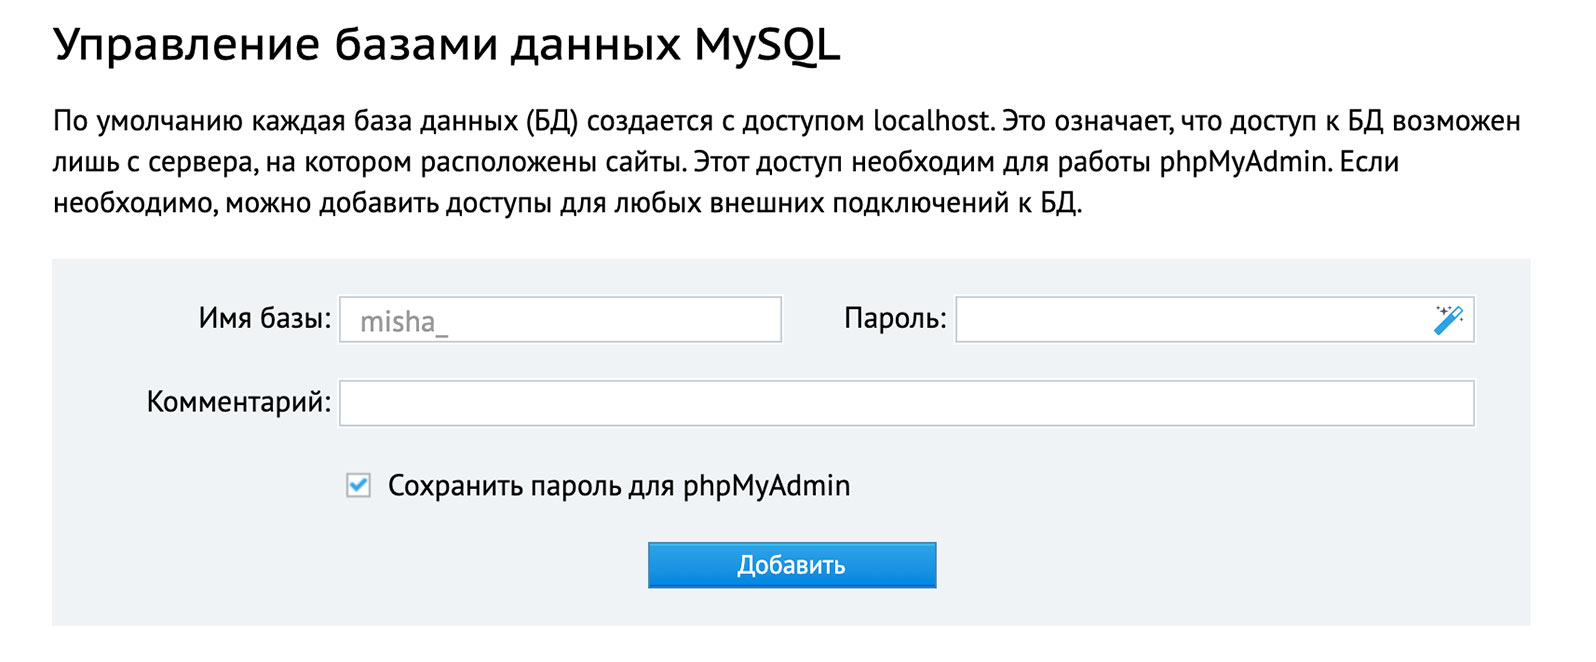 Создание MySQL базы данных в панели хостинга